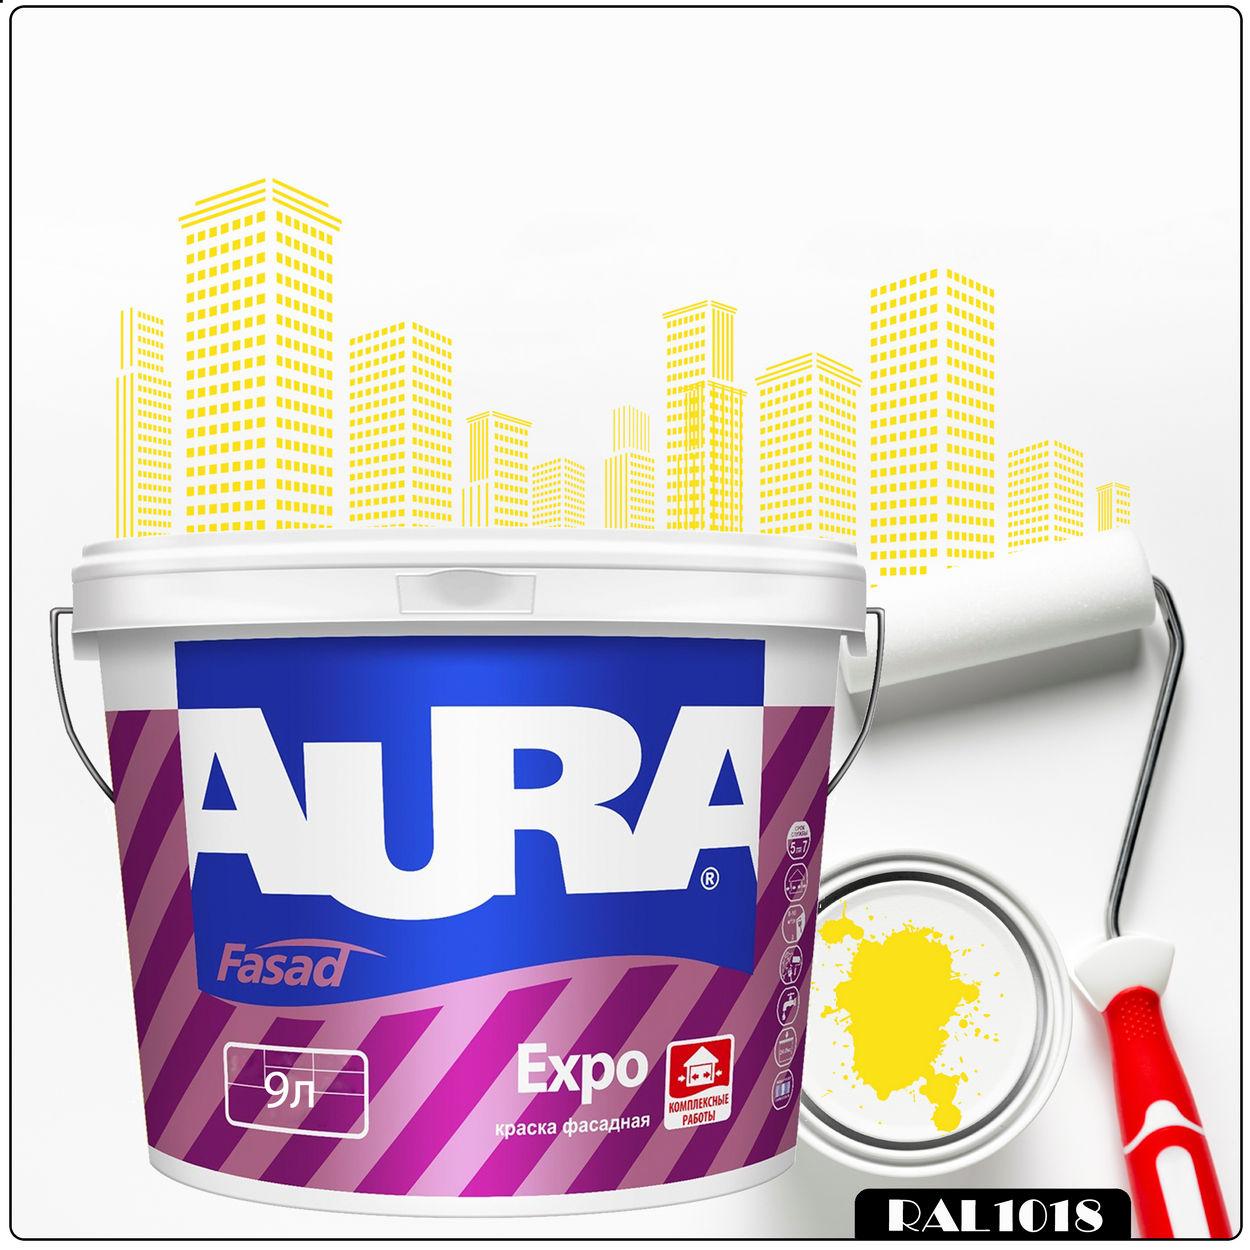 Фото 16 - Краска Aura Fasad Expo, RAL 1018 Цинково-жёлтый, матовая, для фасадов и помещений с повышенной влажностью, 9л.